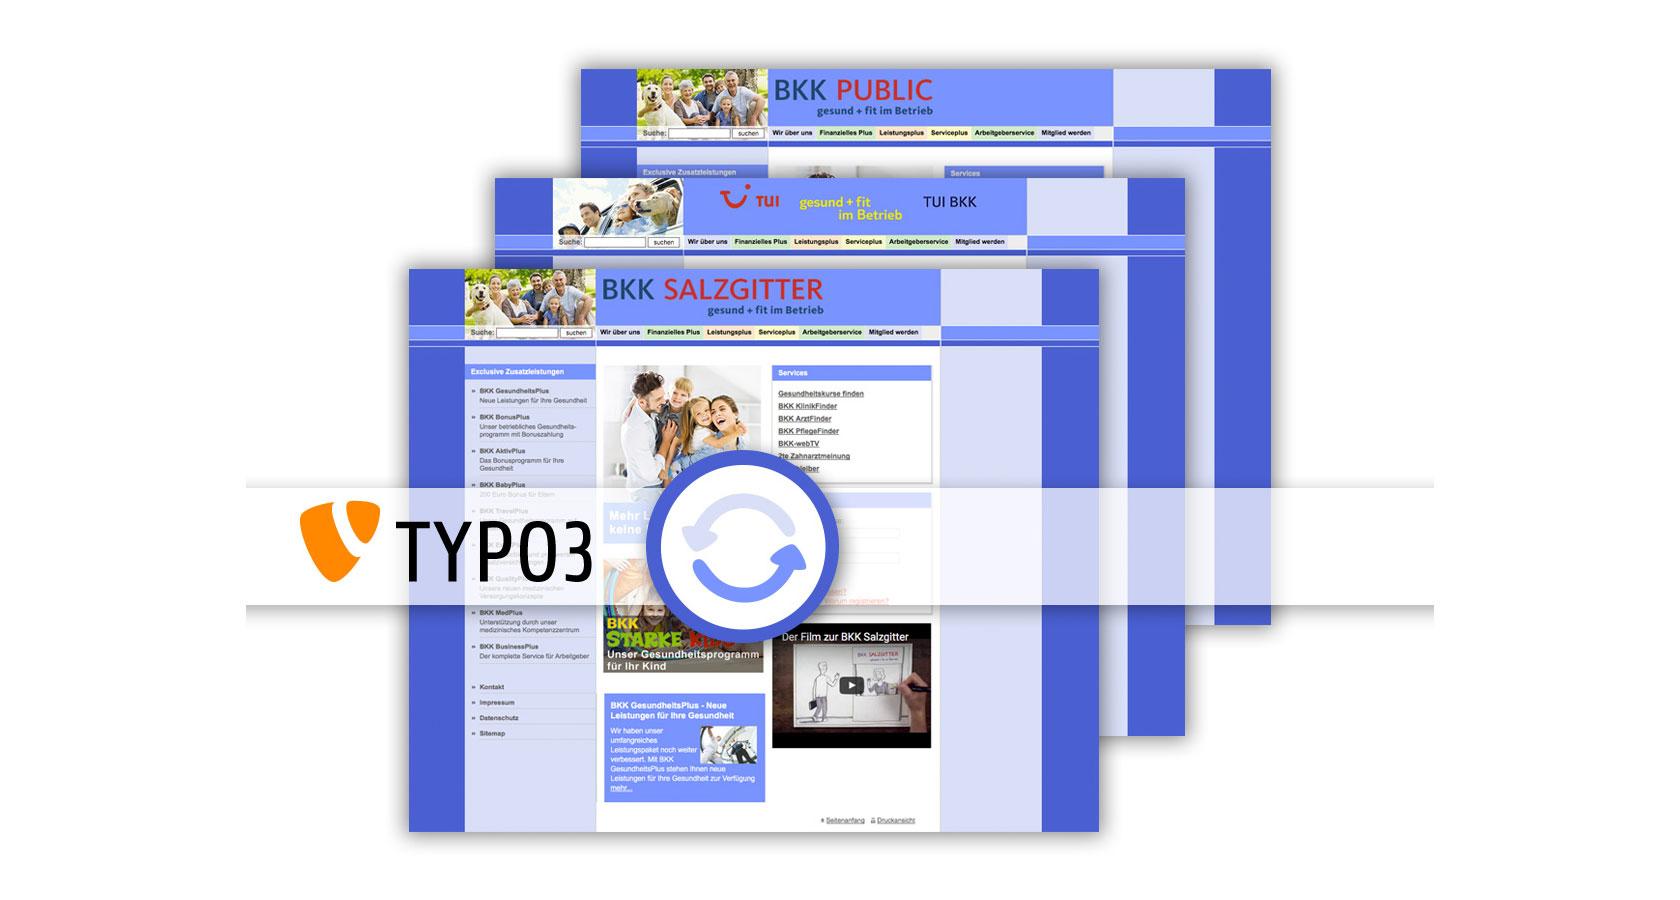 Überlagerte Screenshots der verschiedenen BKK Webseiten und ein Update Icon und TYPO3 Logo im Vordergrund